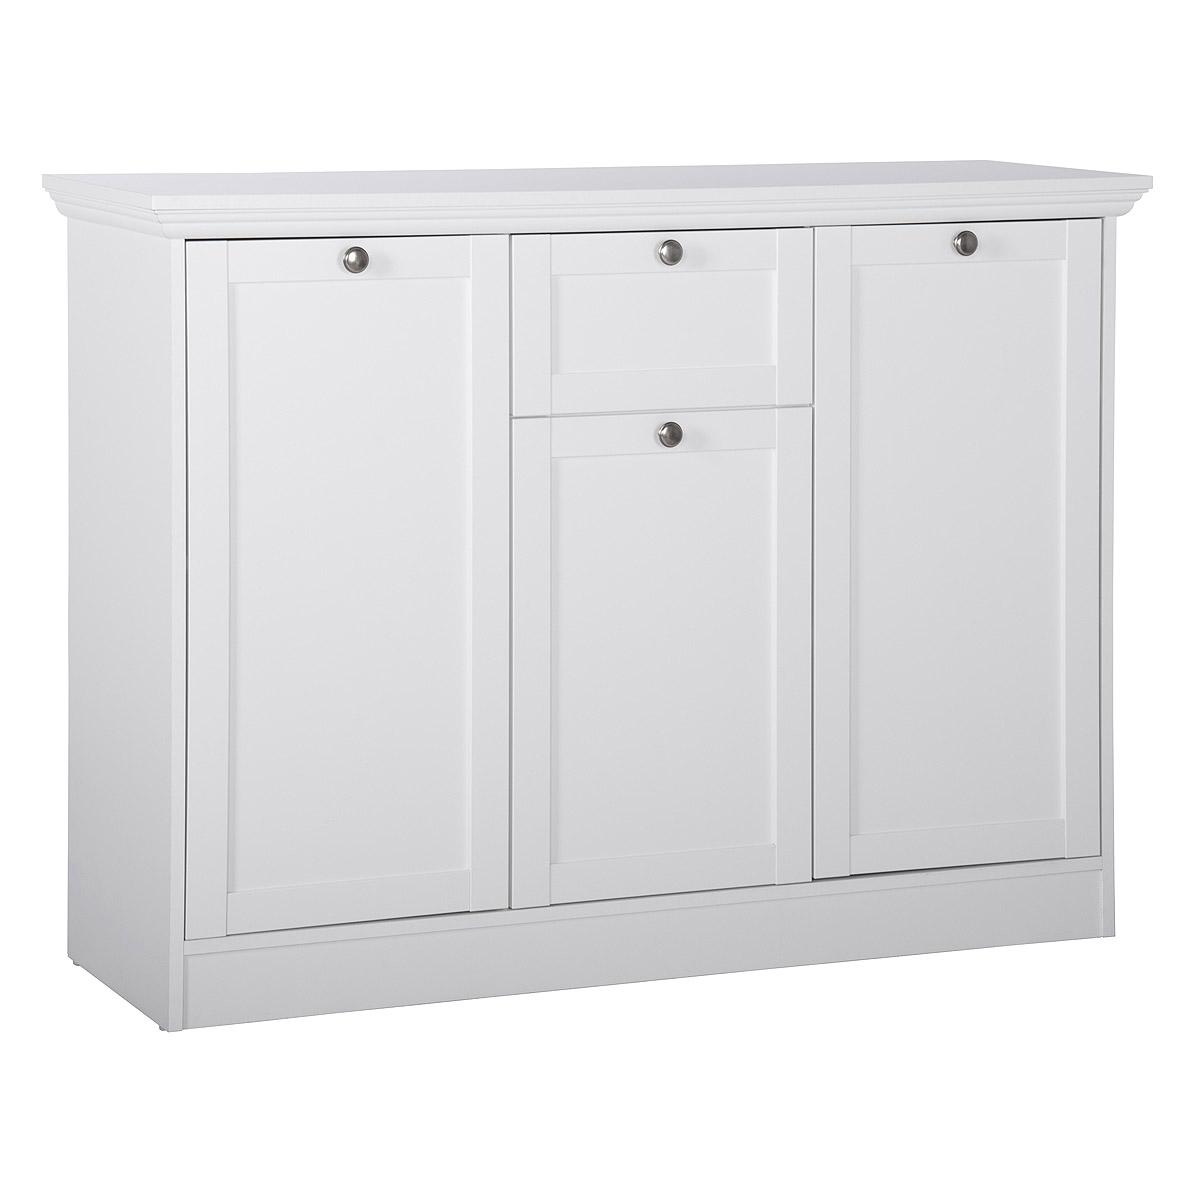 kommode landwood 15 anrichte sideboard wei dekor ebay. Black Bedroom Furniture Sets. Home Design Ideas